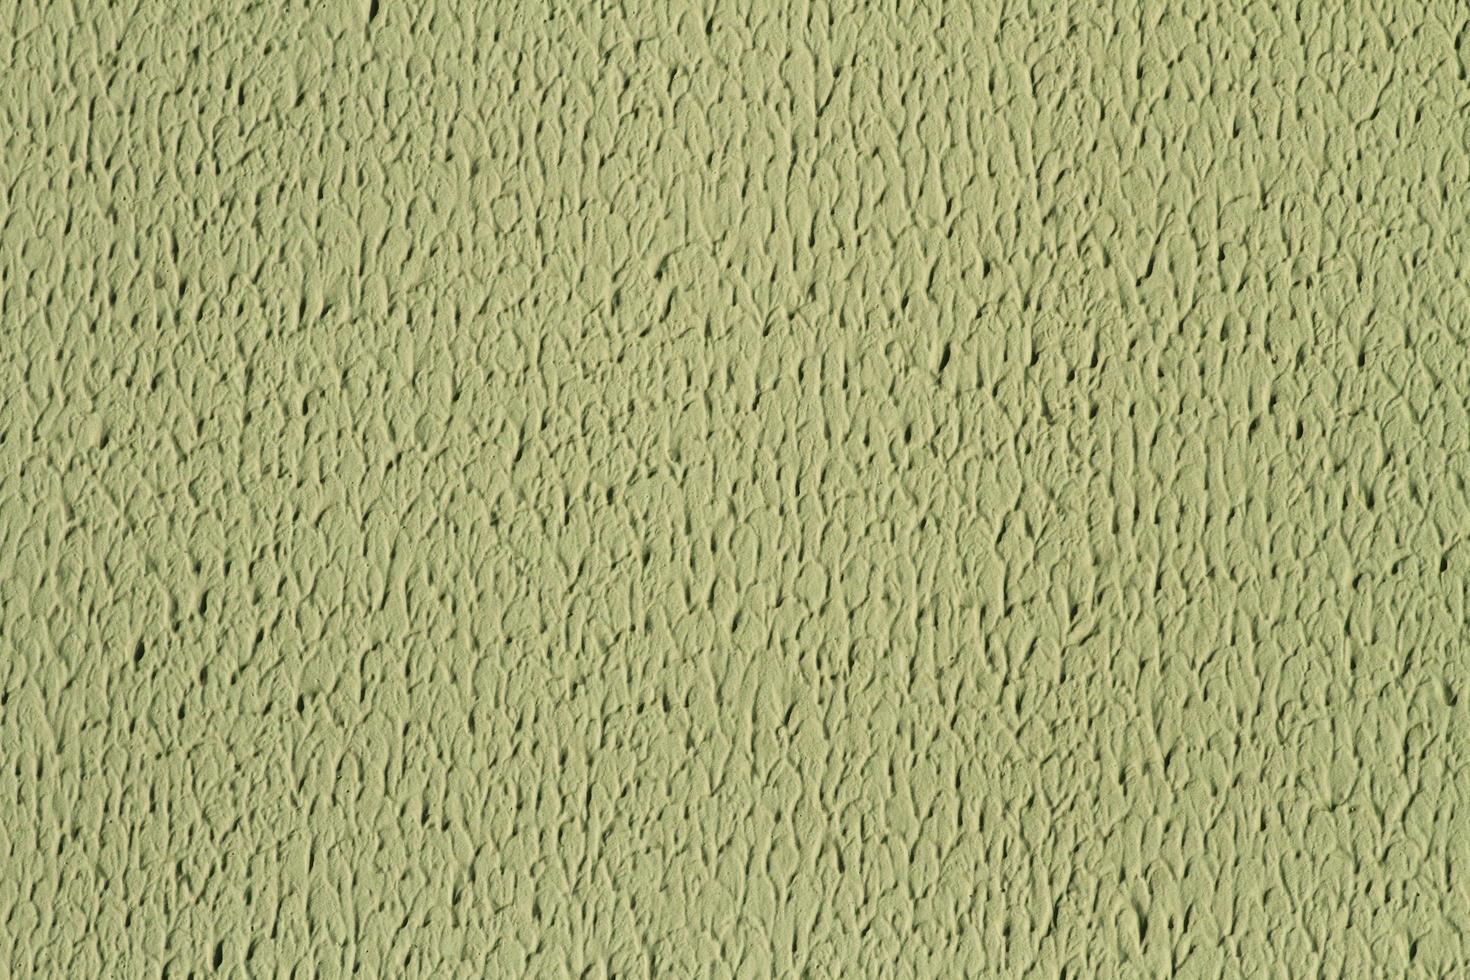 vattentät väggfärg foto